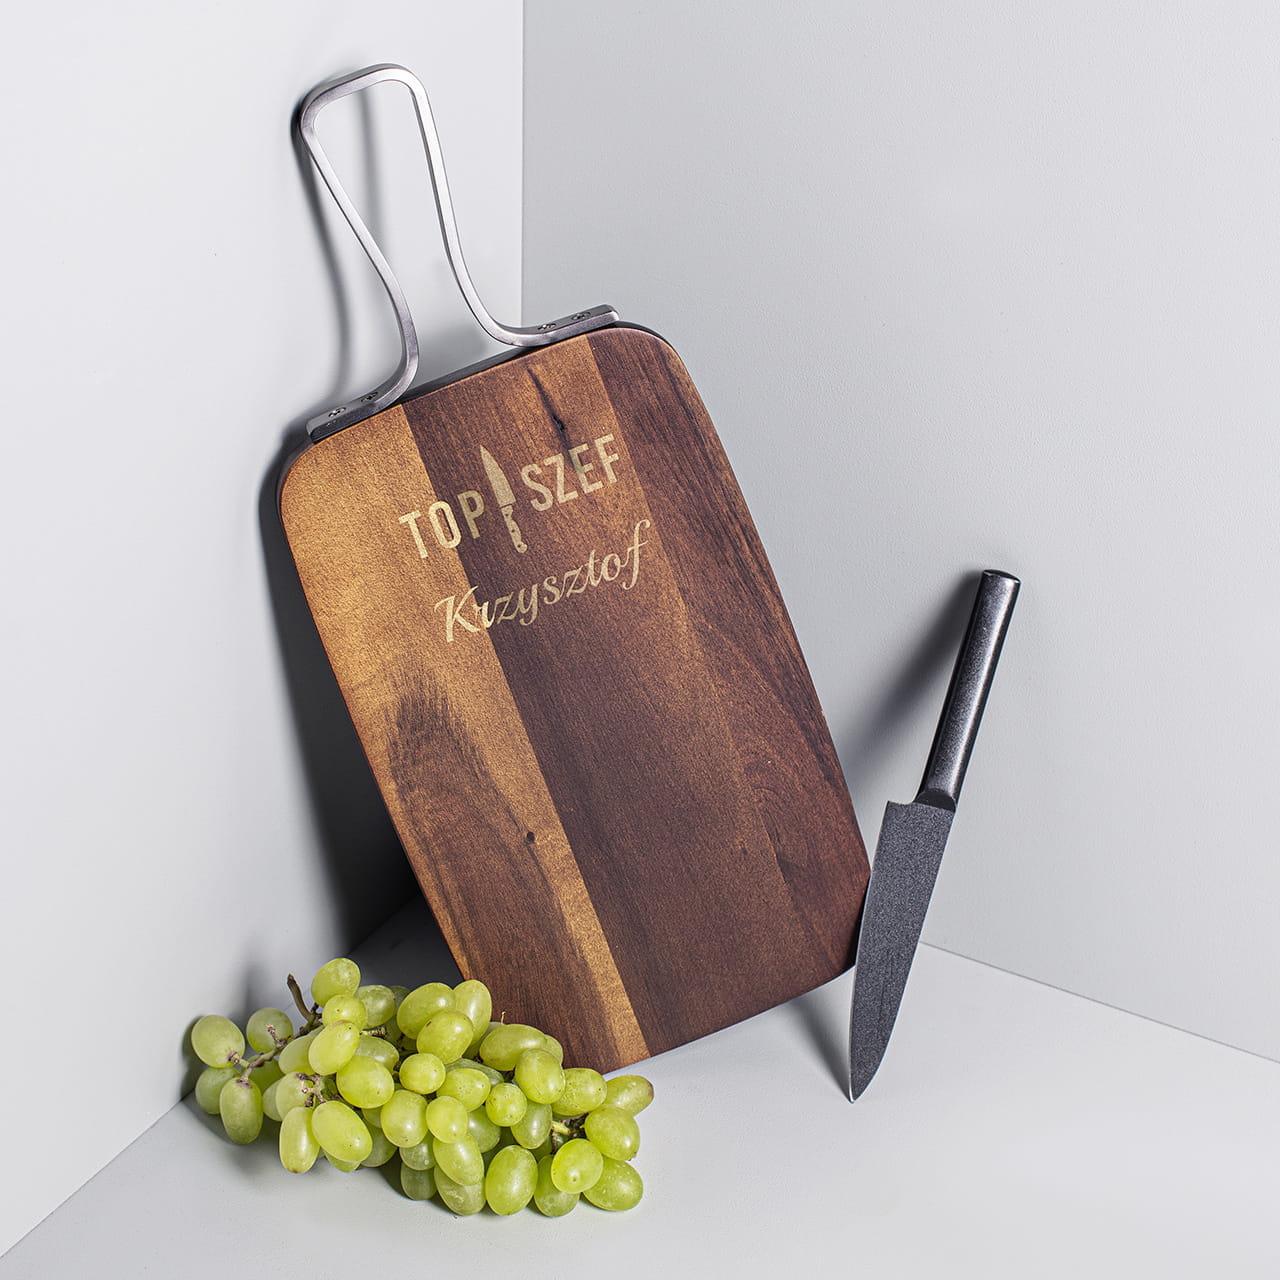 Deska do serwowania, czyli prezent dla Krzysztofa kucharza